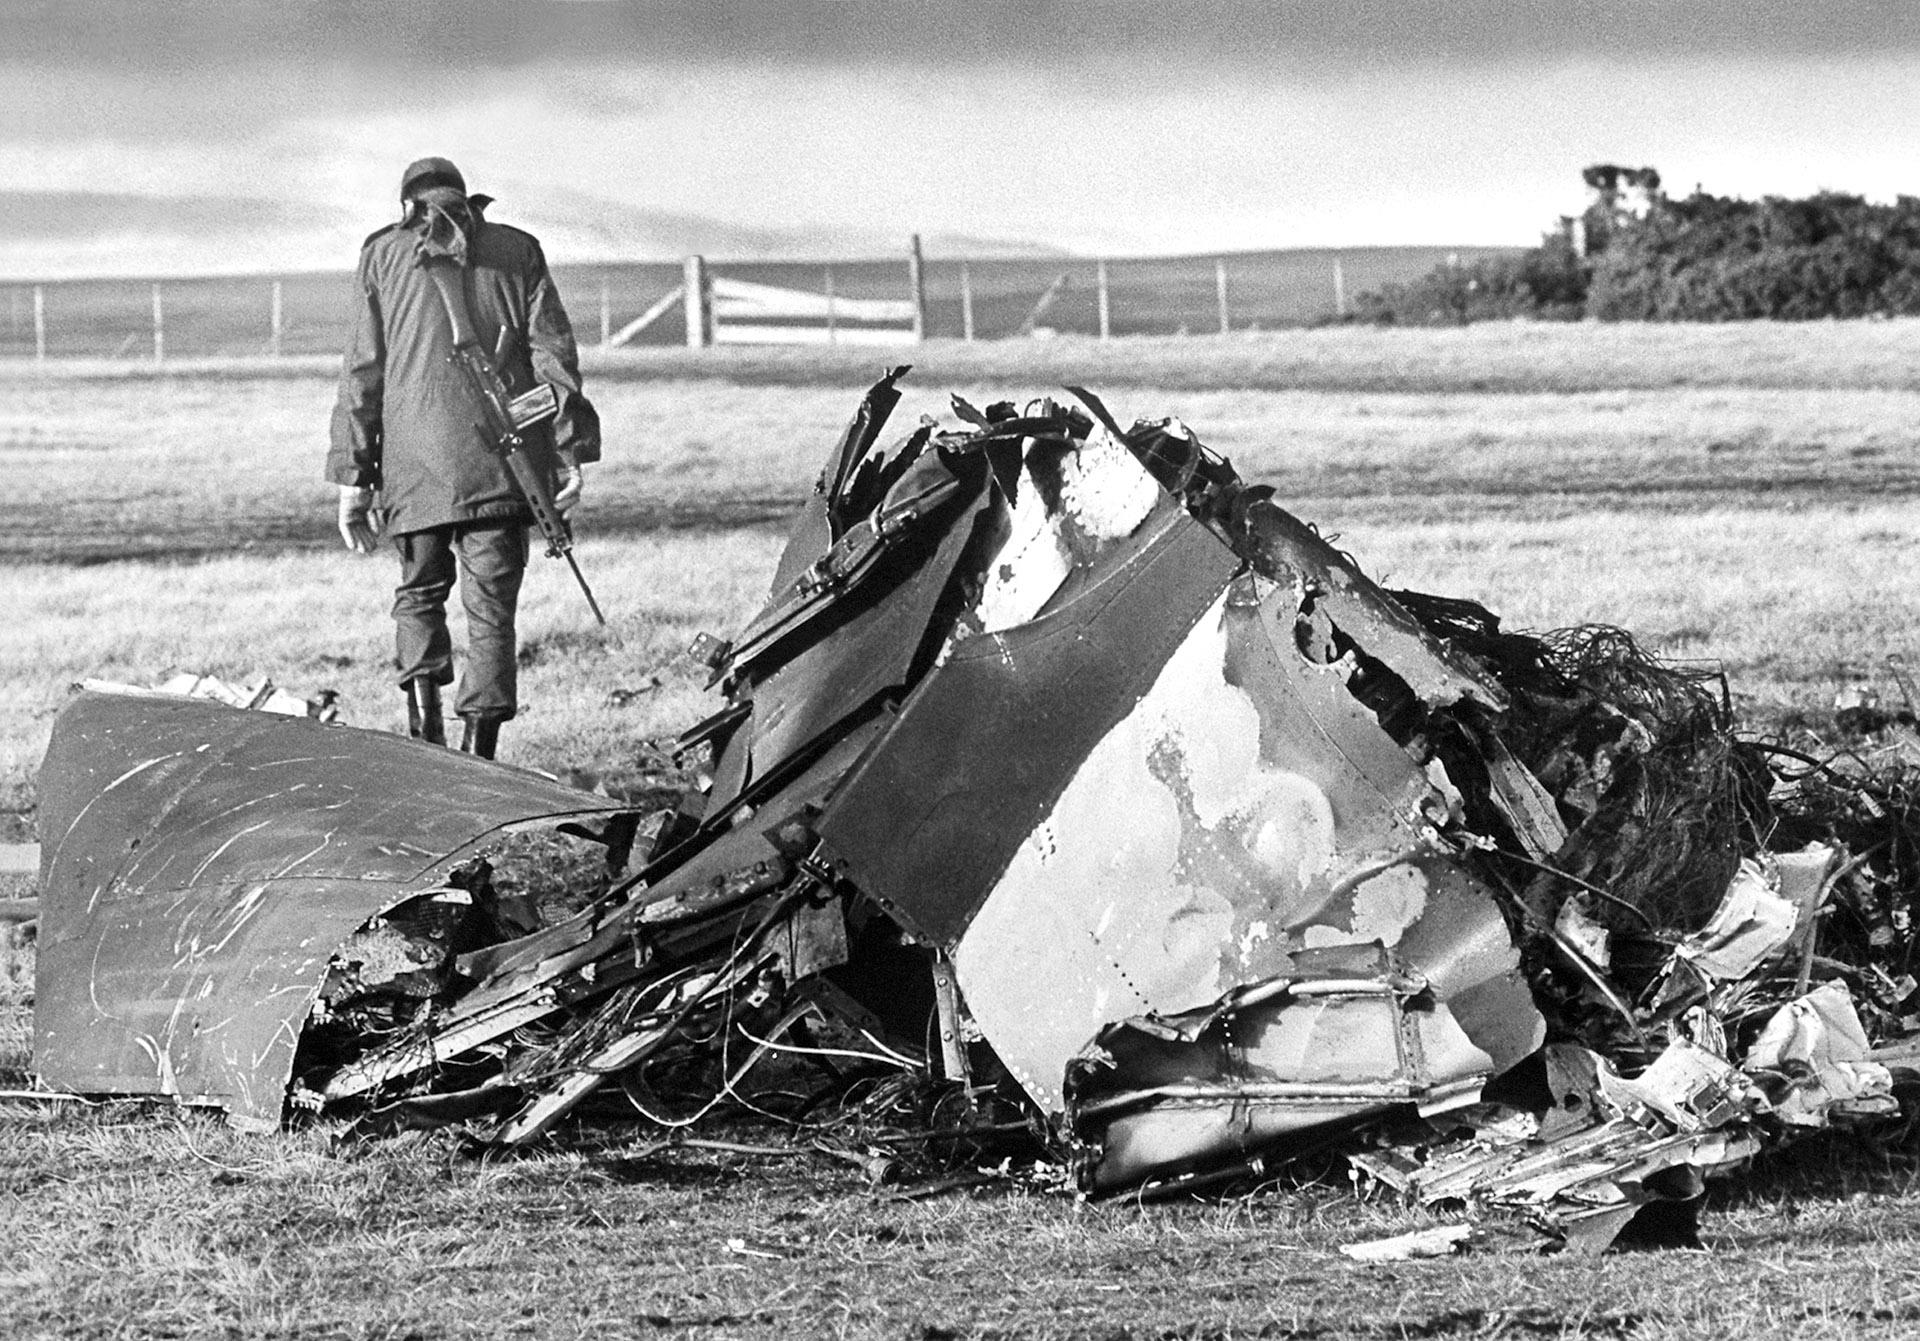 Así quedó un Harrier abatido por la artillería argentina. Un soldado argentino se aleja después de comprobar el derribo (Foto: Eduardo Farré)